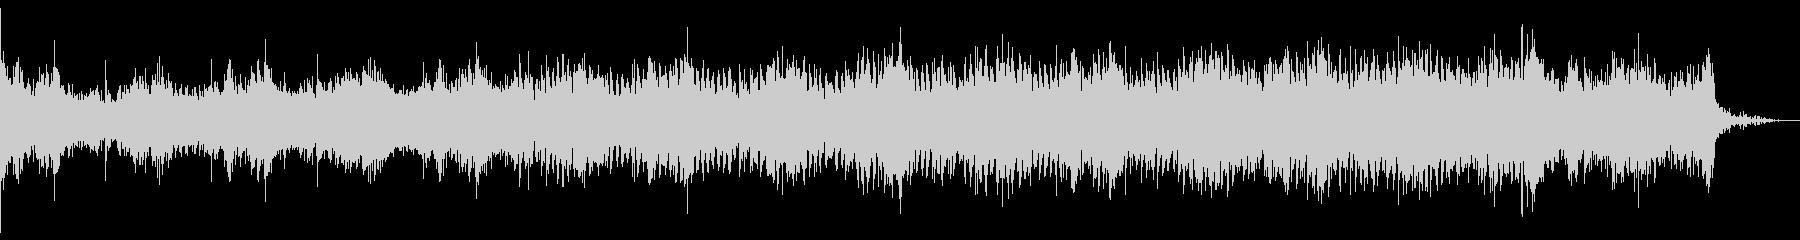 アンビエント環境音楽ヒーリング-07の未再生の波形